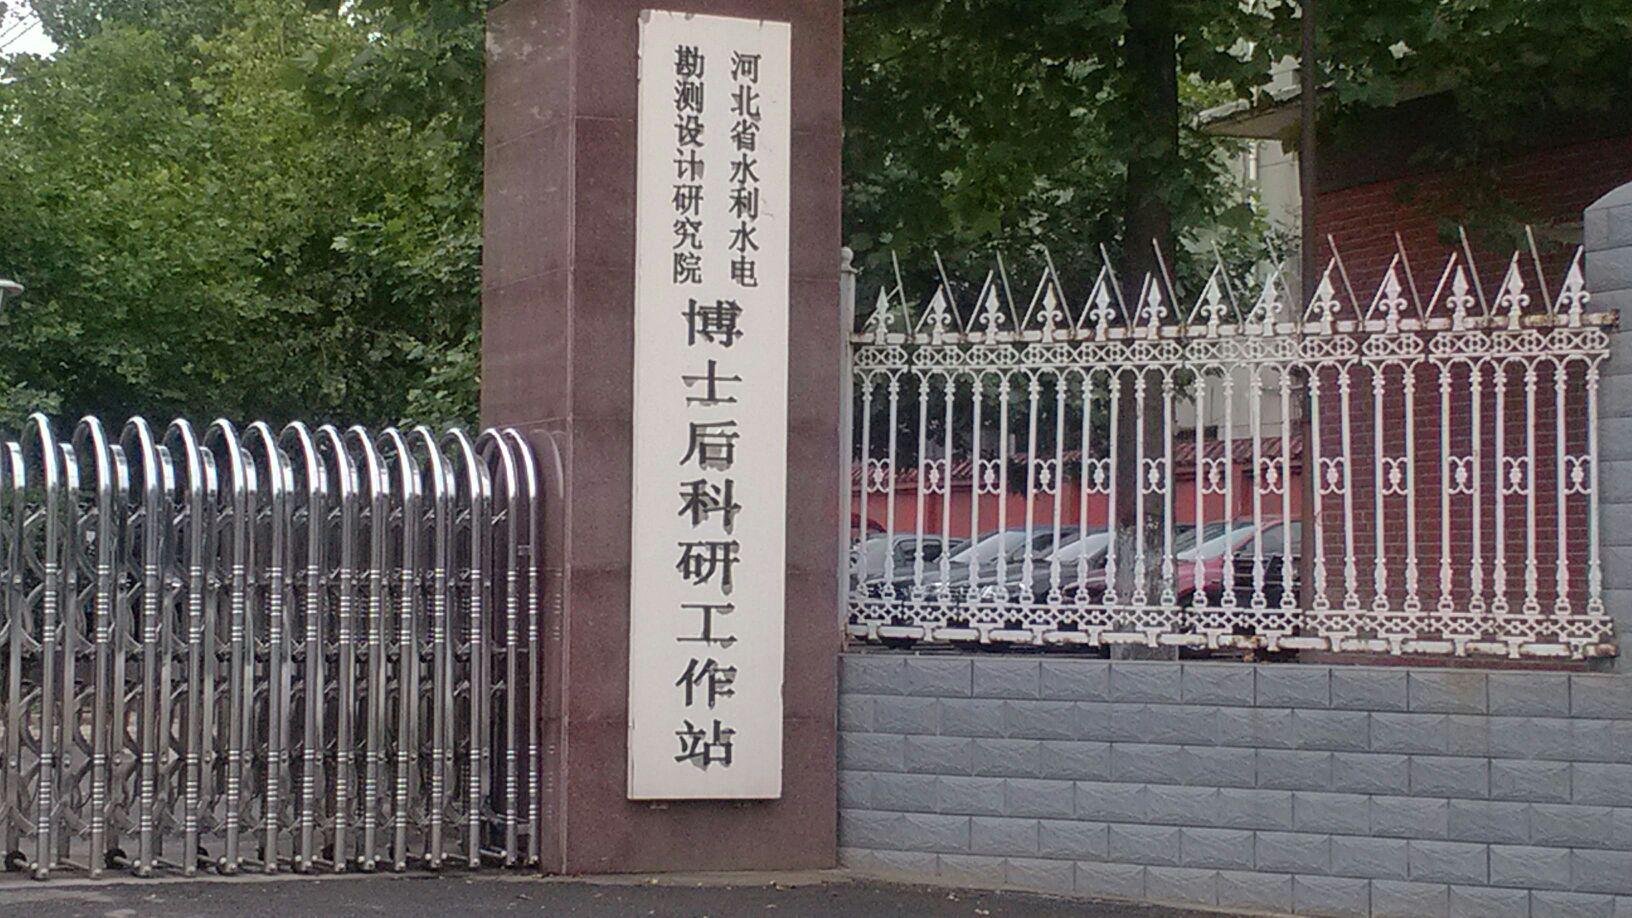 河北省水利水电勘测设计研究院-博士后科研工作站图片